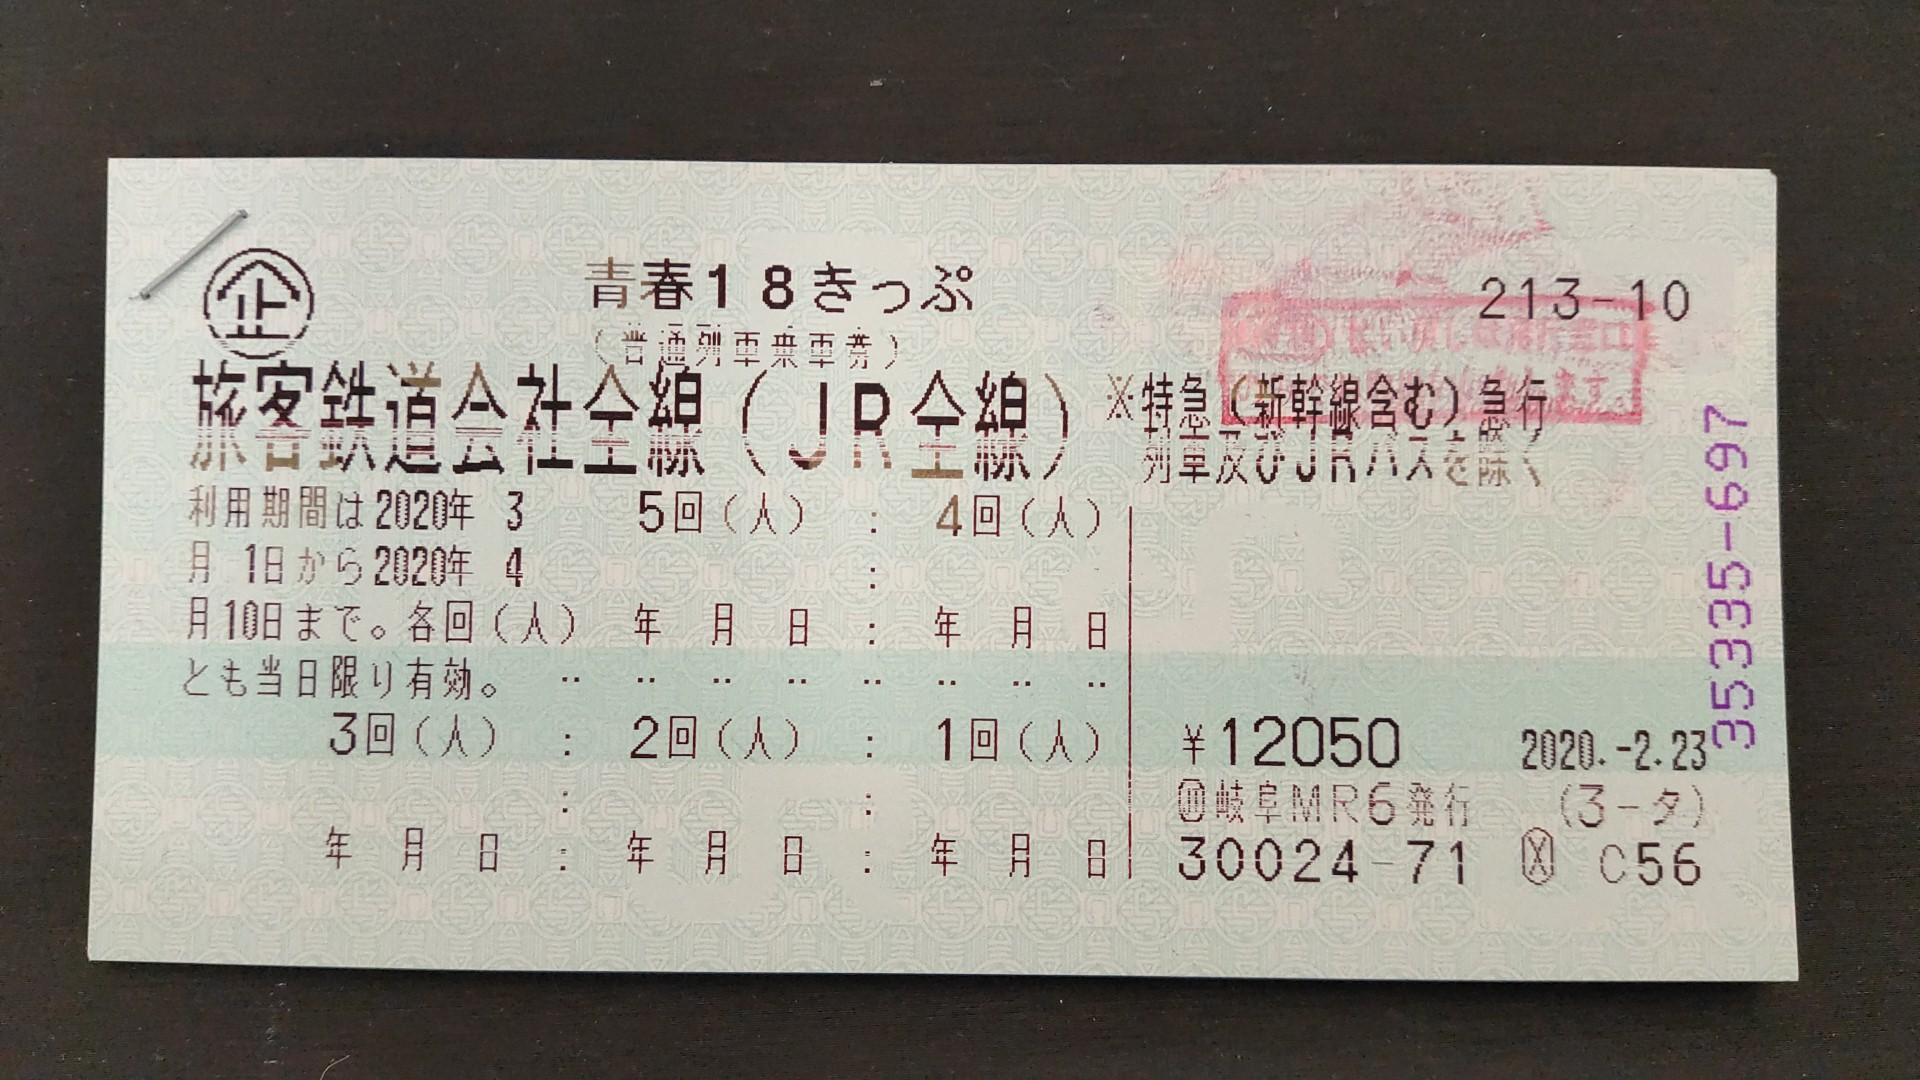 青春18きっぷ11,850円にて販売しております、3月1日より4月10日までご利用出来ます